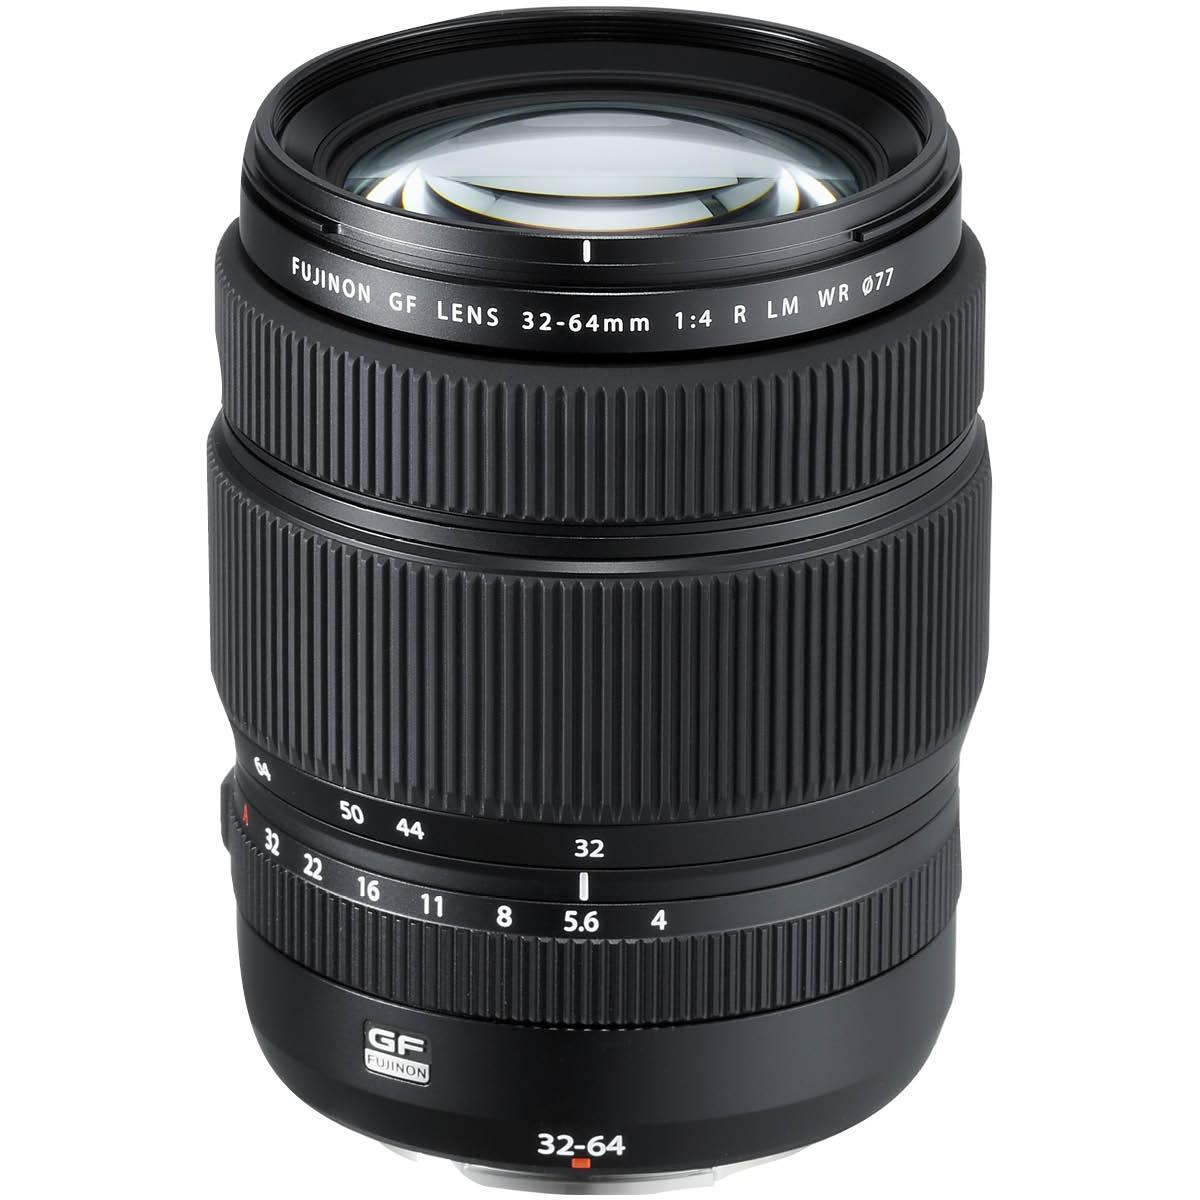 Fujifilm GF 32-64 mm 1:4,0 R LM WR